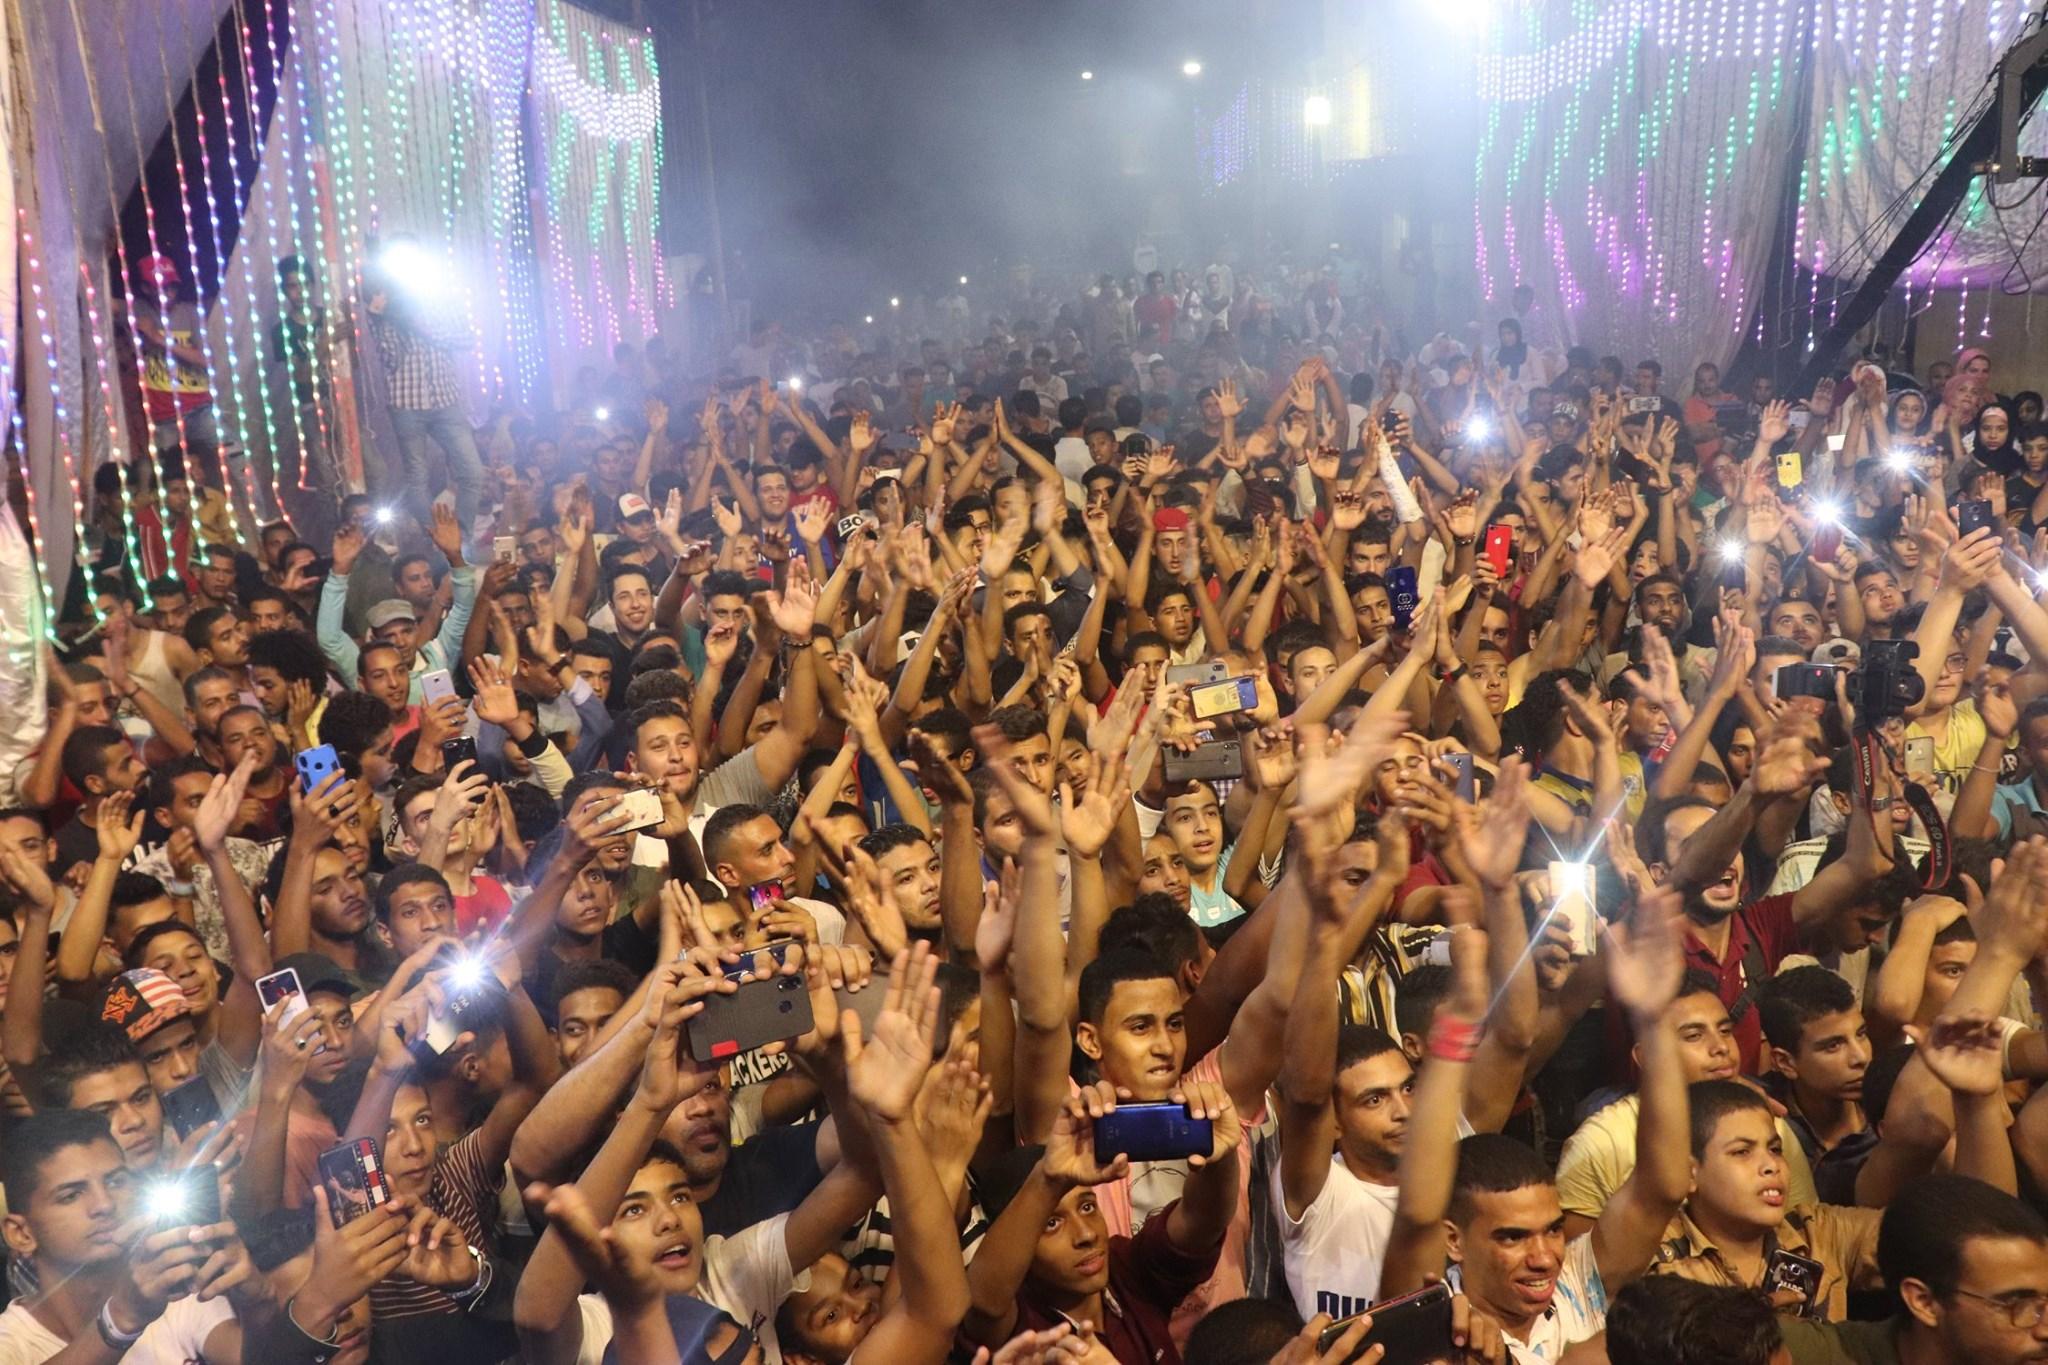 بالفيديو   في مصر.. شبان يرقصون على لمبات مكسرة شبه عراة في حي شعبي يثير ضجة كبيرة فما السبب؟